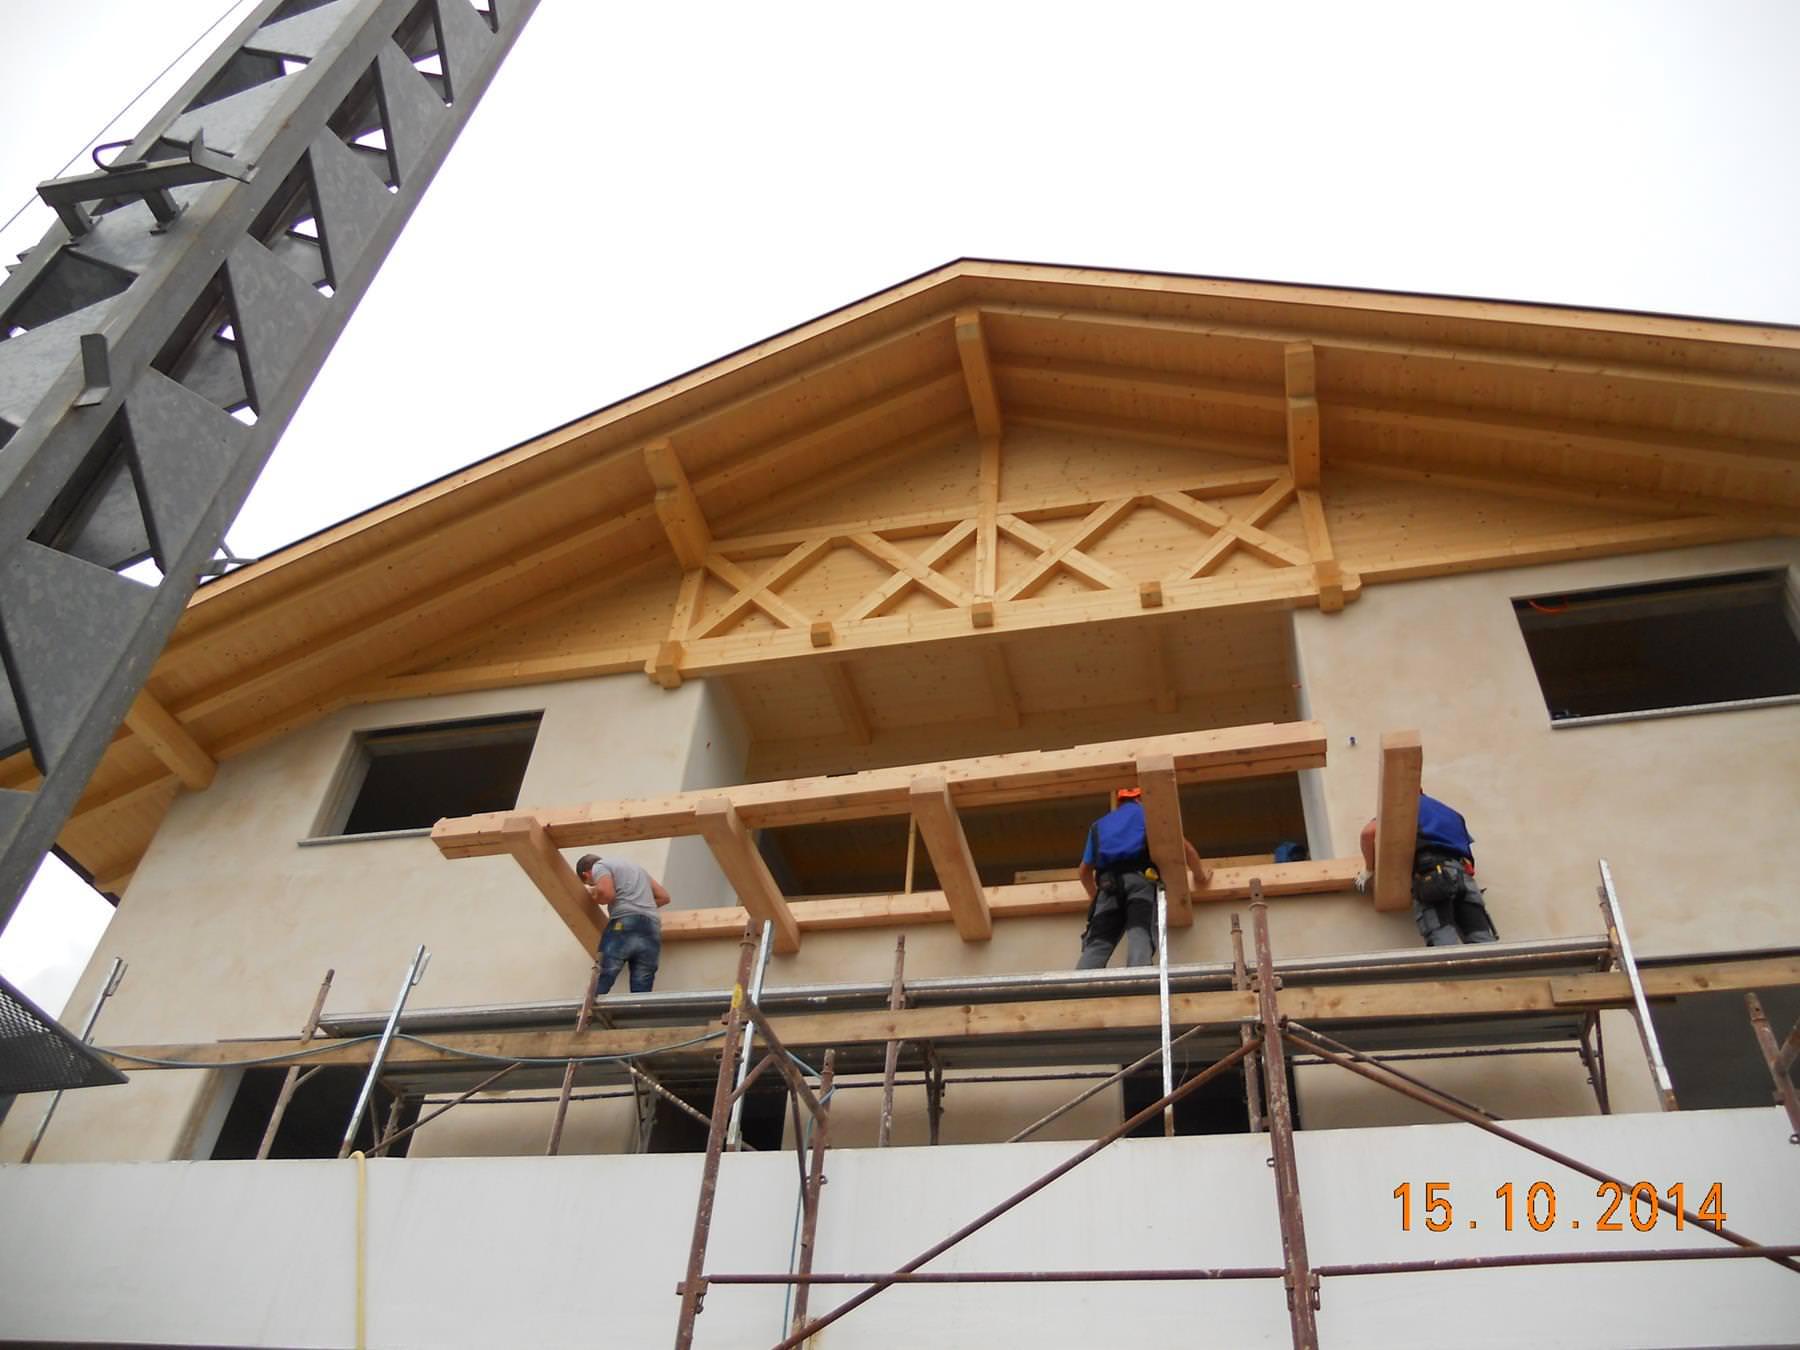 Hofstelle M. - Hof M 11 - Hofstelle M. Hofstelle M. - Hof M 11 - Hofstelle M.